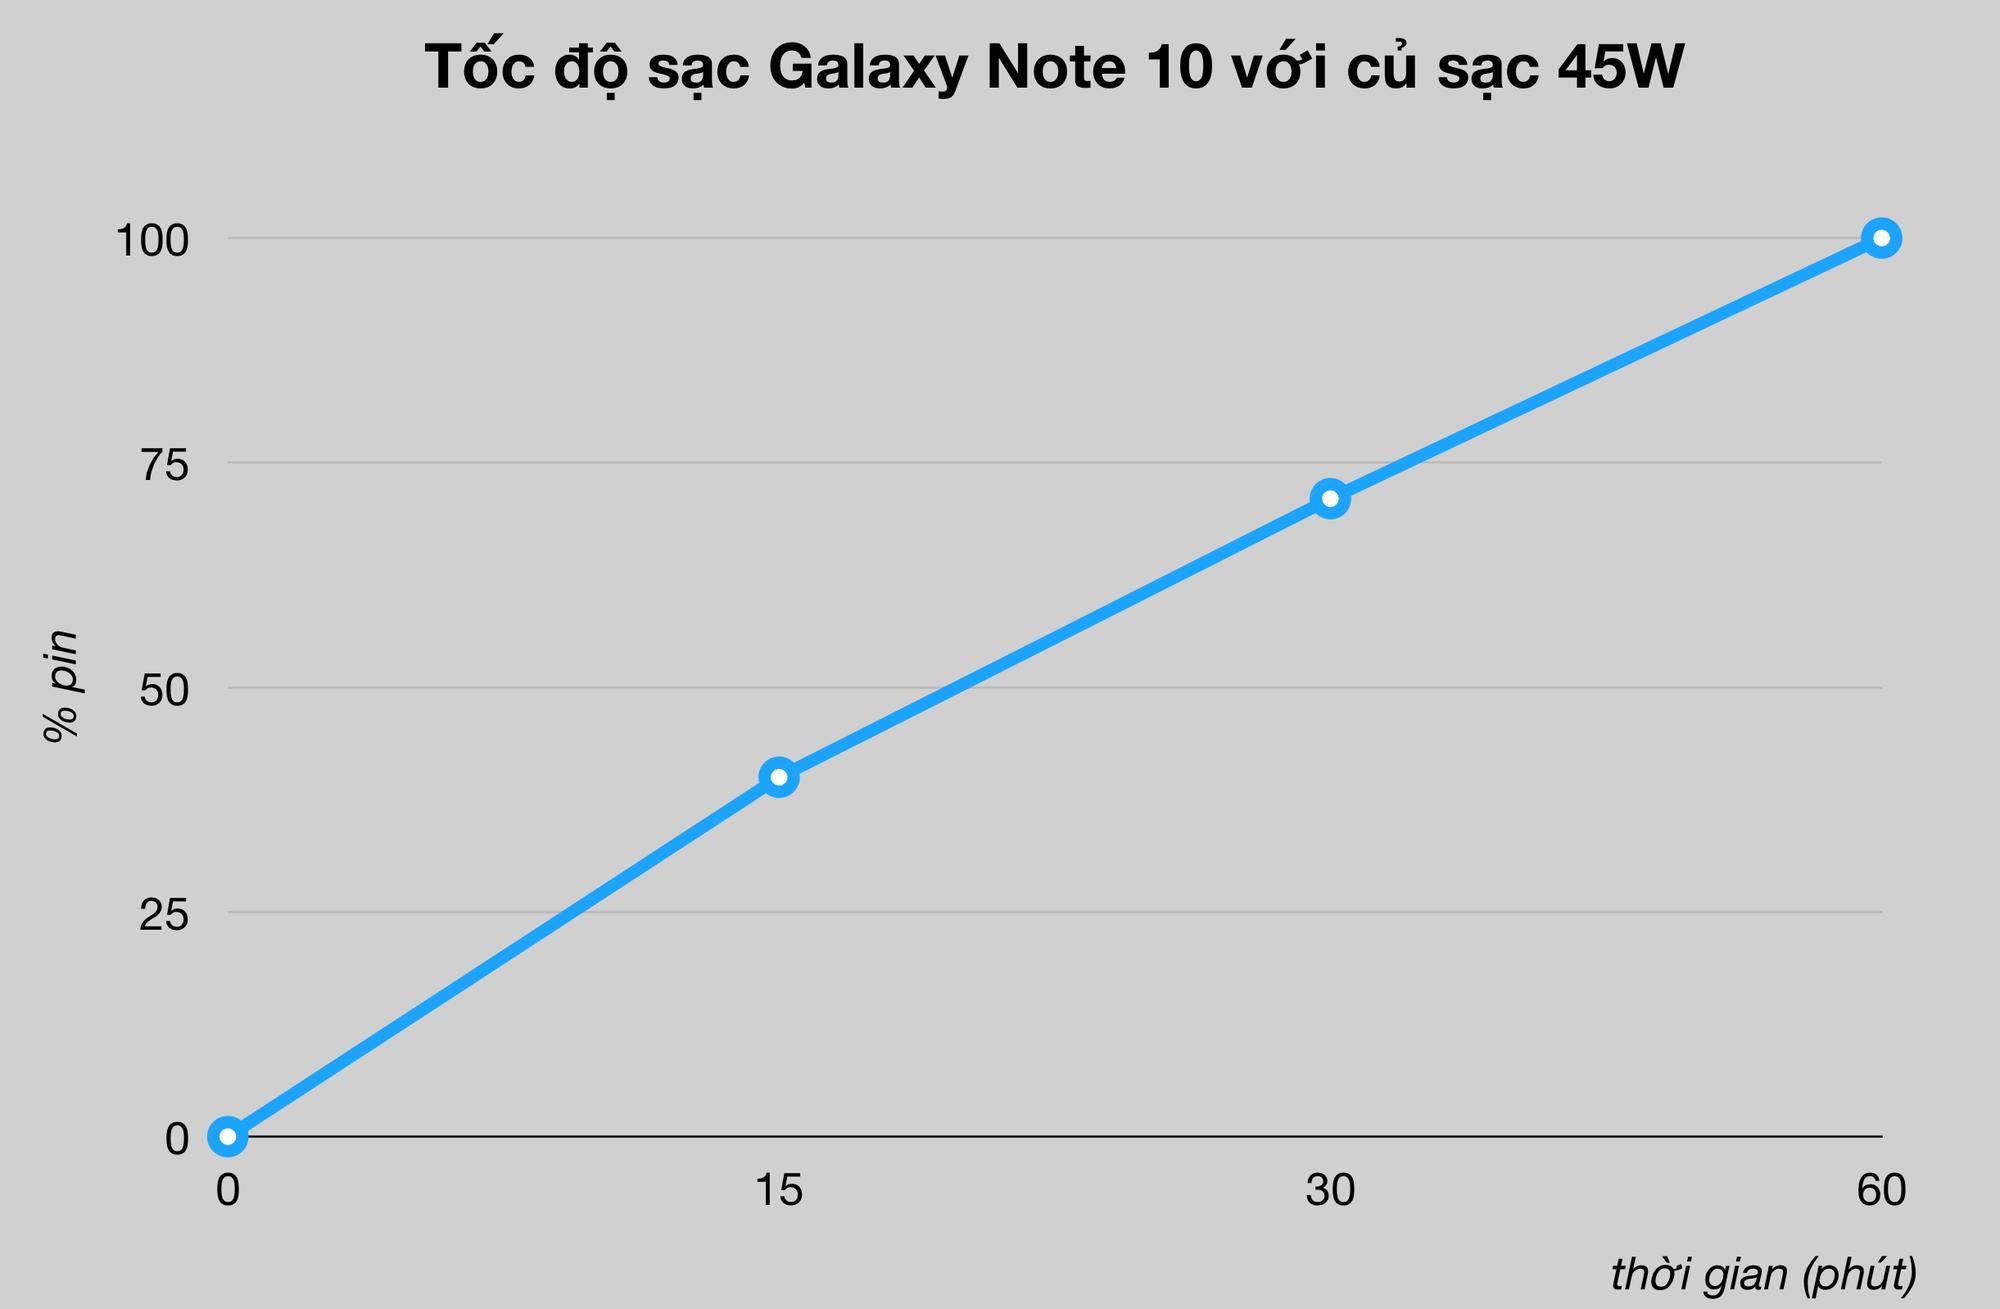 Đánh giá Samsung Galaxy Note 10: Vẫn là ông vua, dù không còn là người dẫn đầu - Ảnh 7.